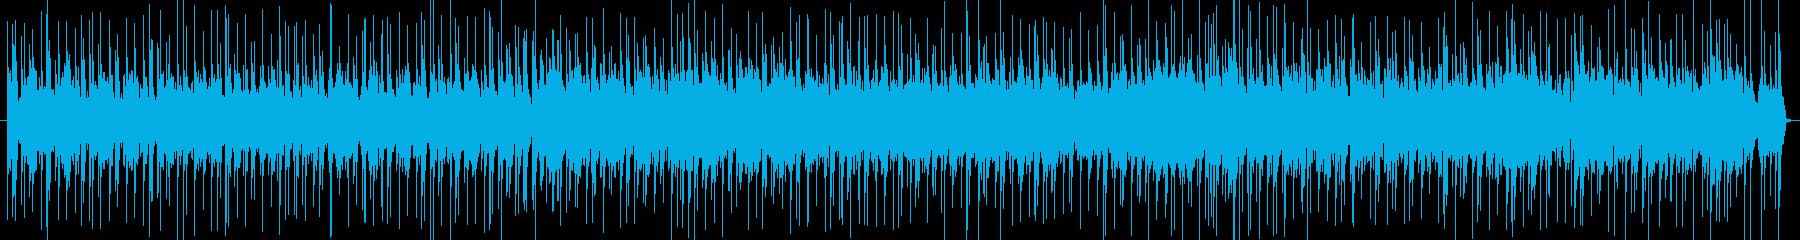 アコースティックベースのインストゥ...の再生済みの波形